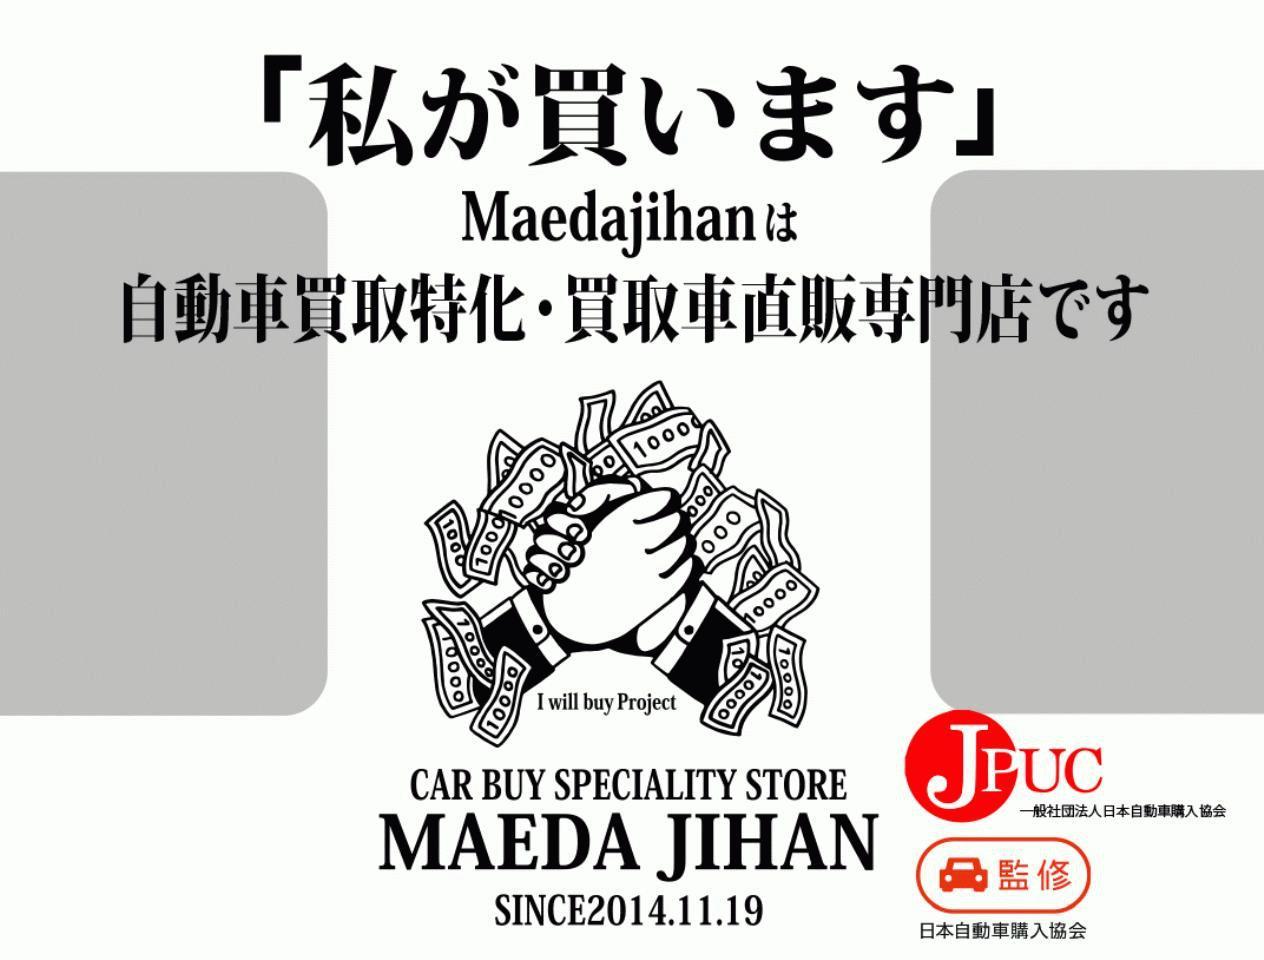 (株)Maedajihan